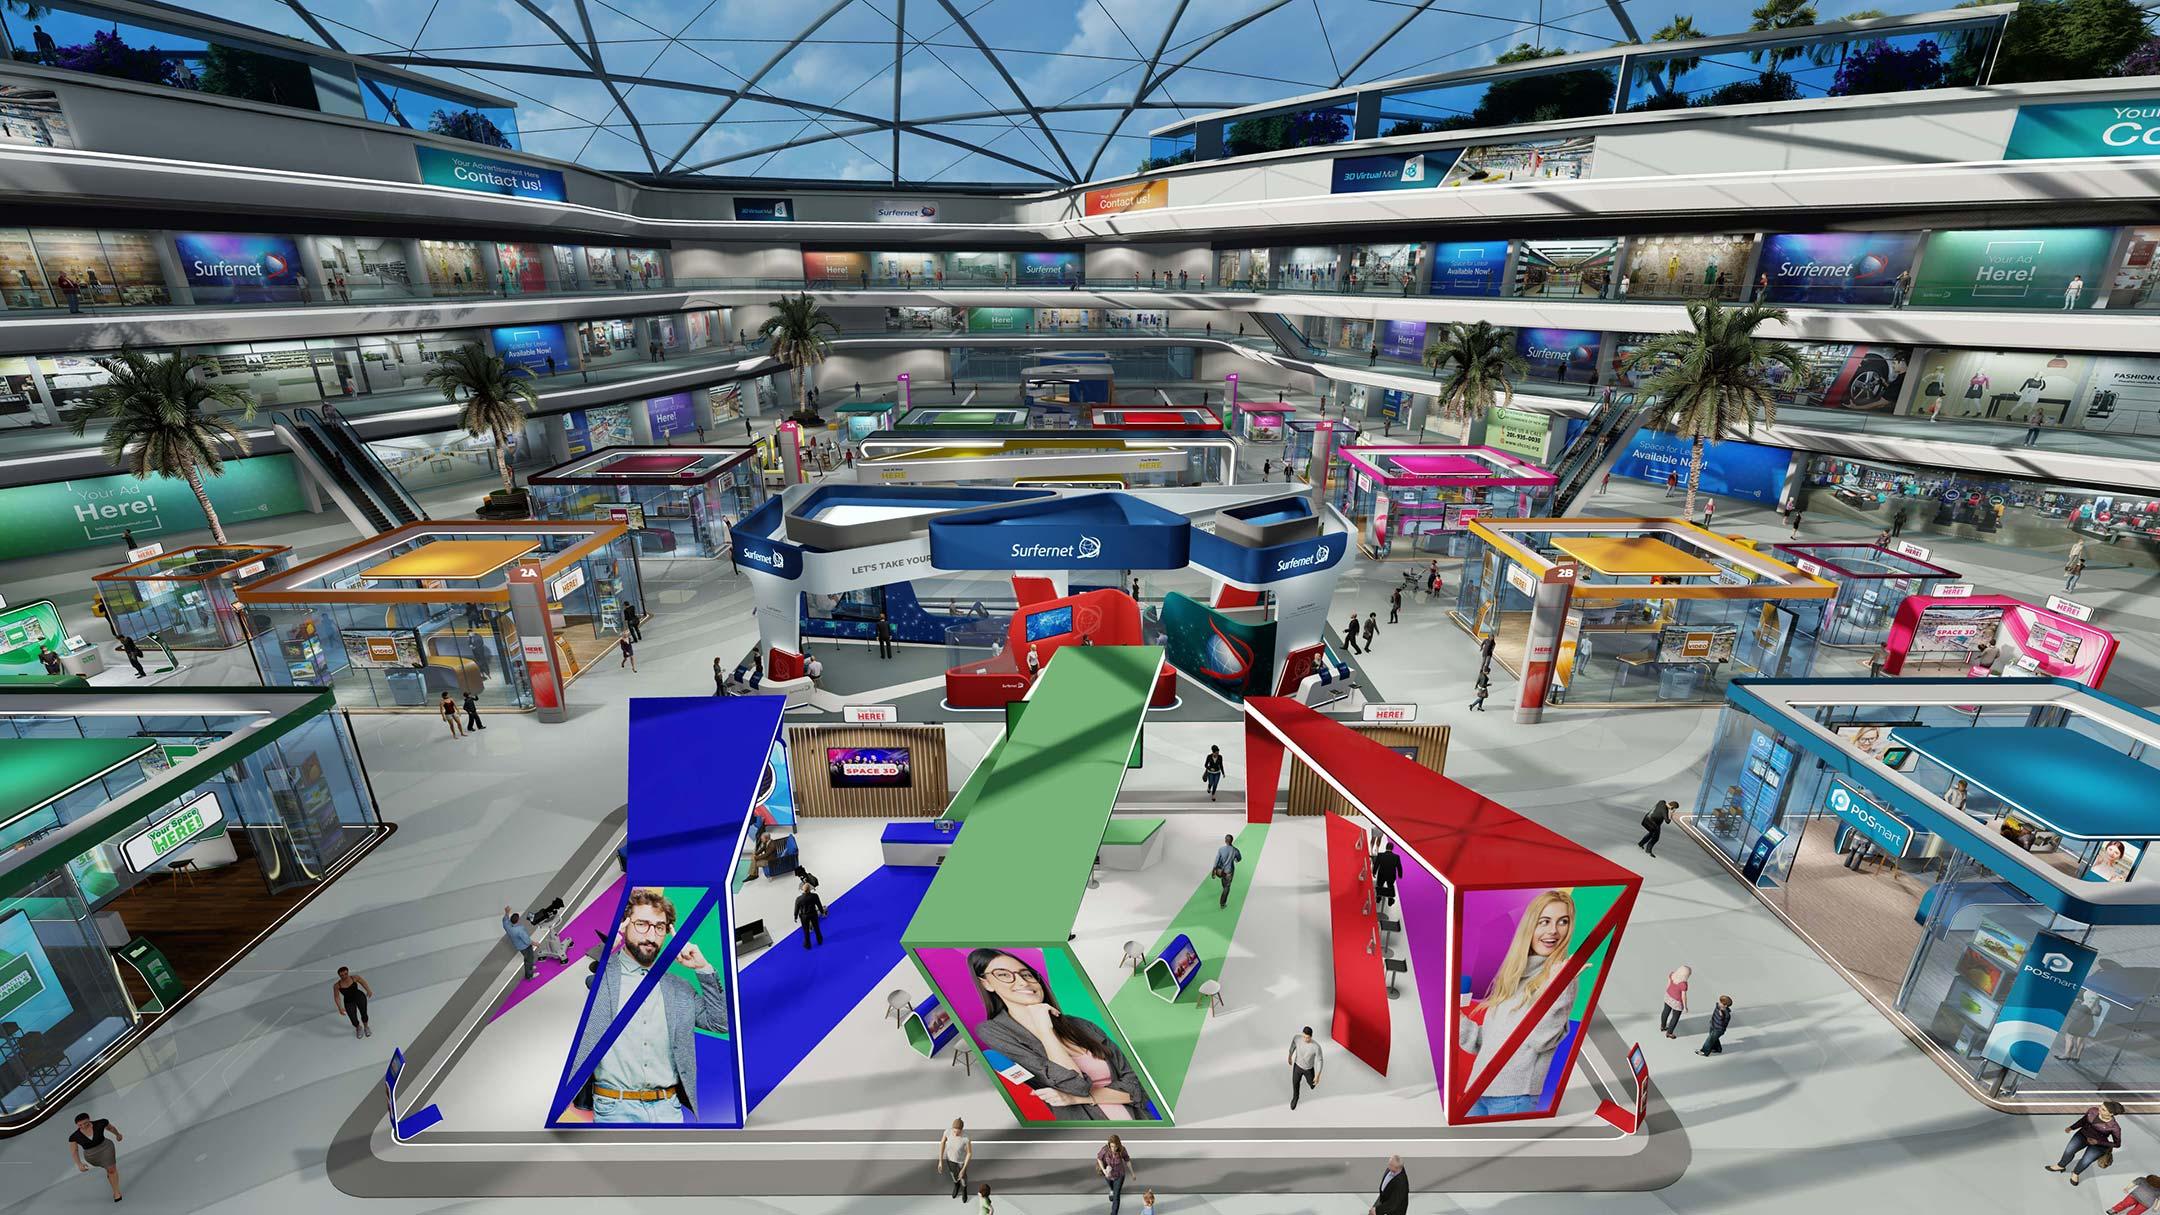 3DLuxor Mall